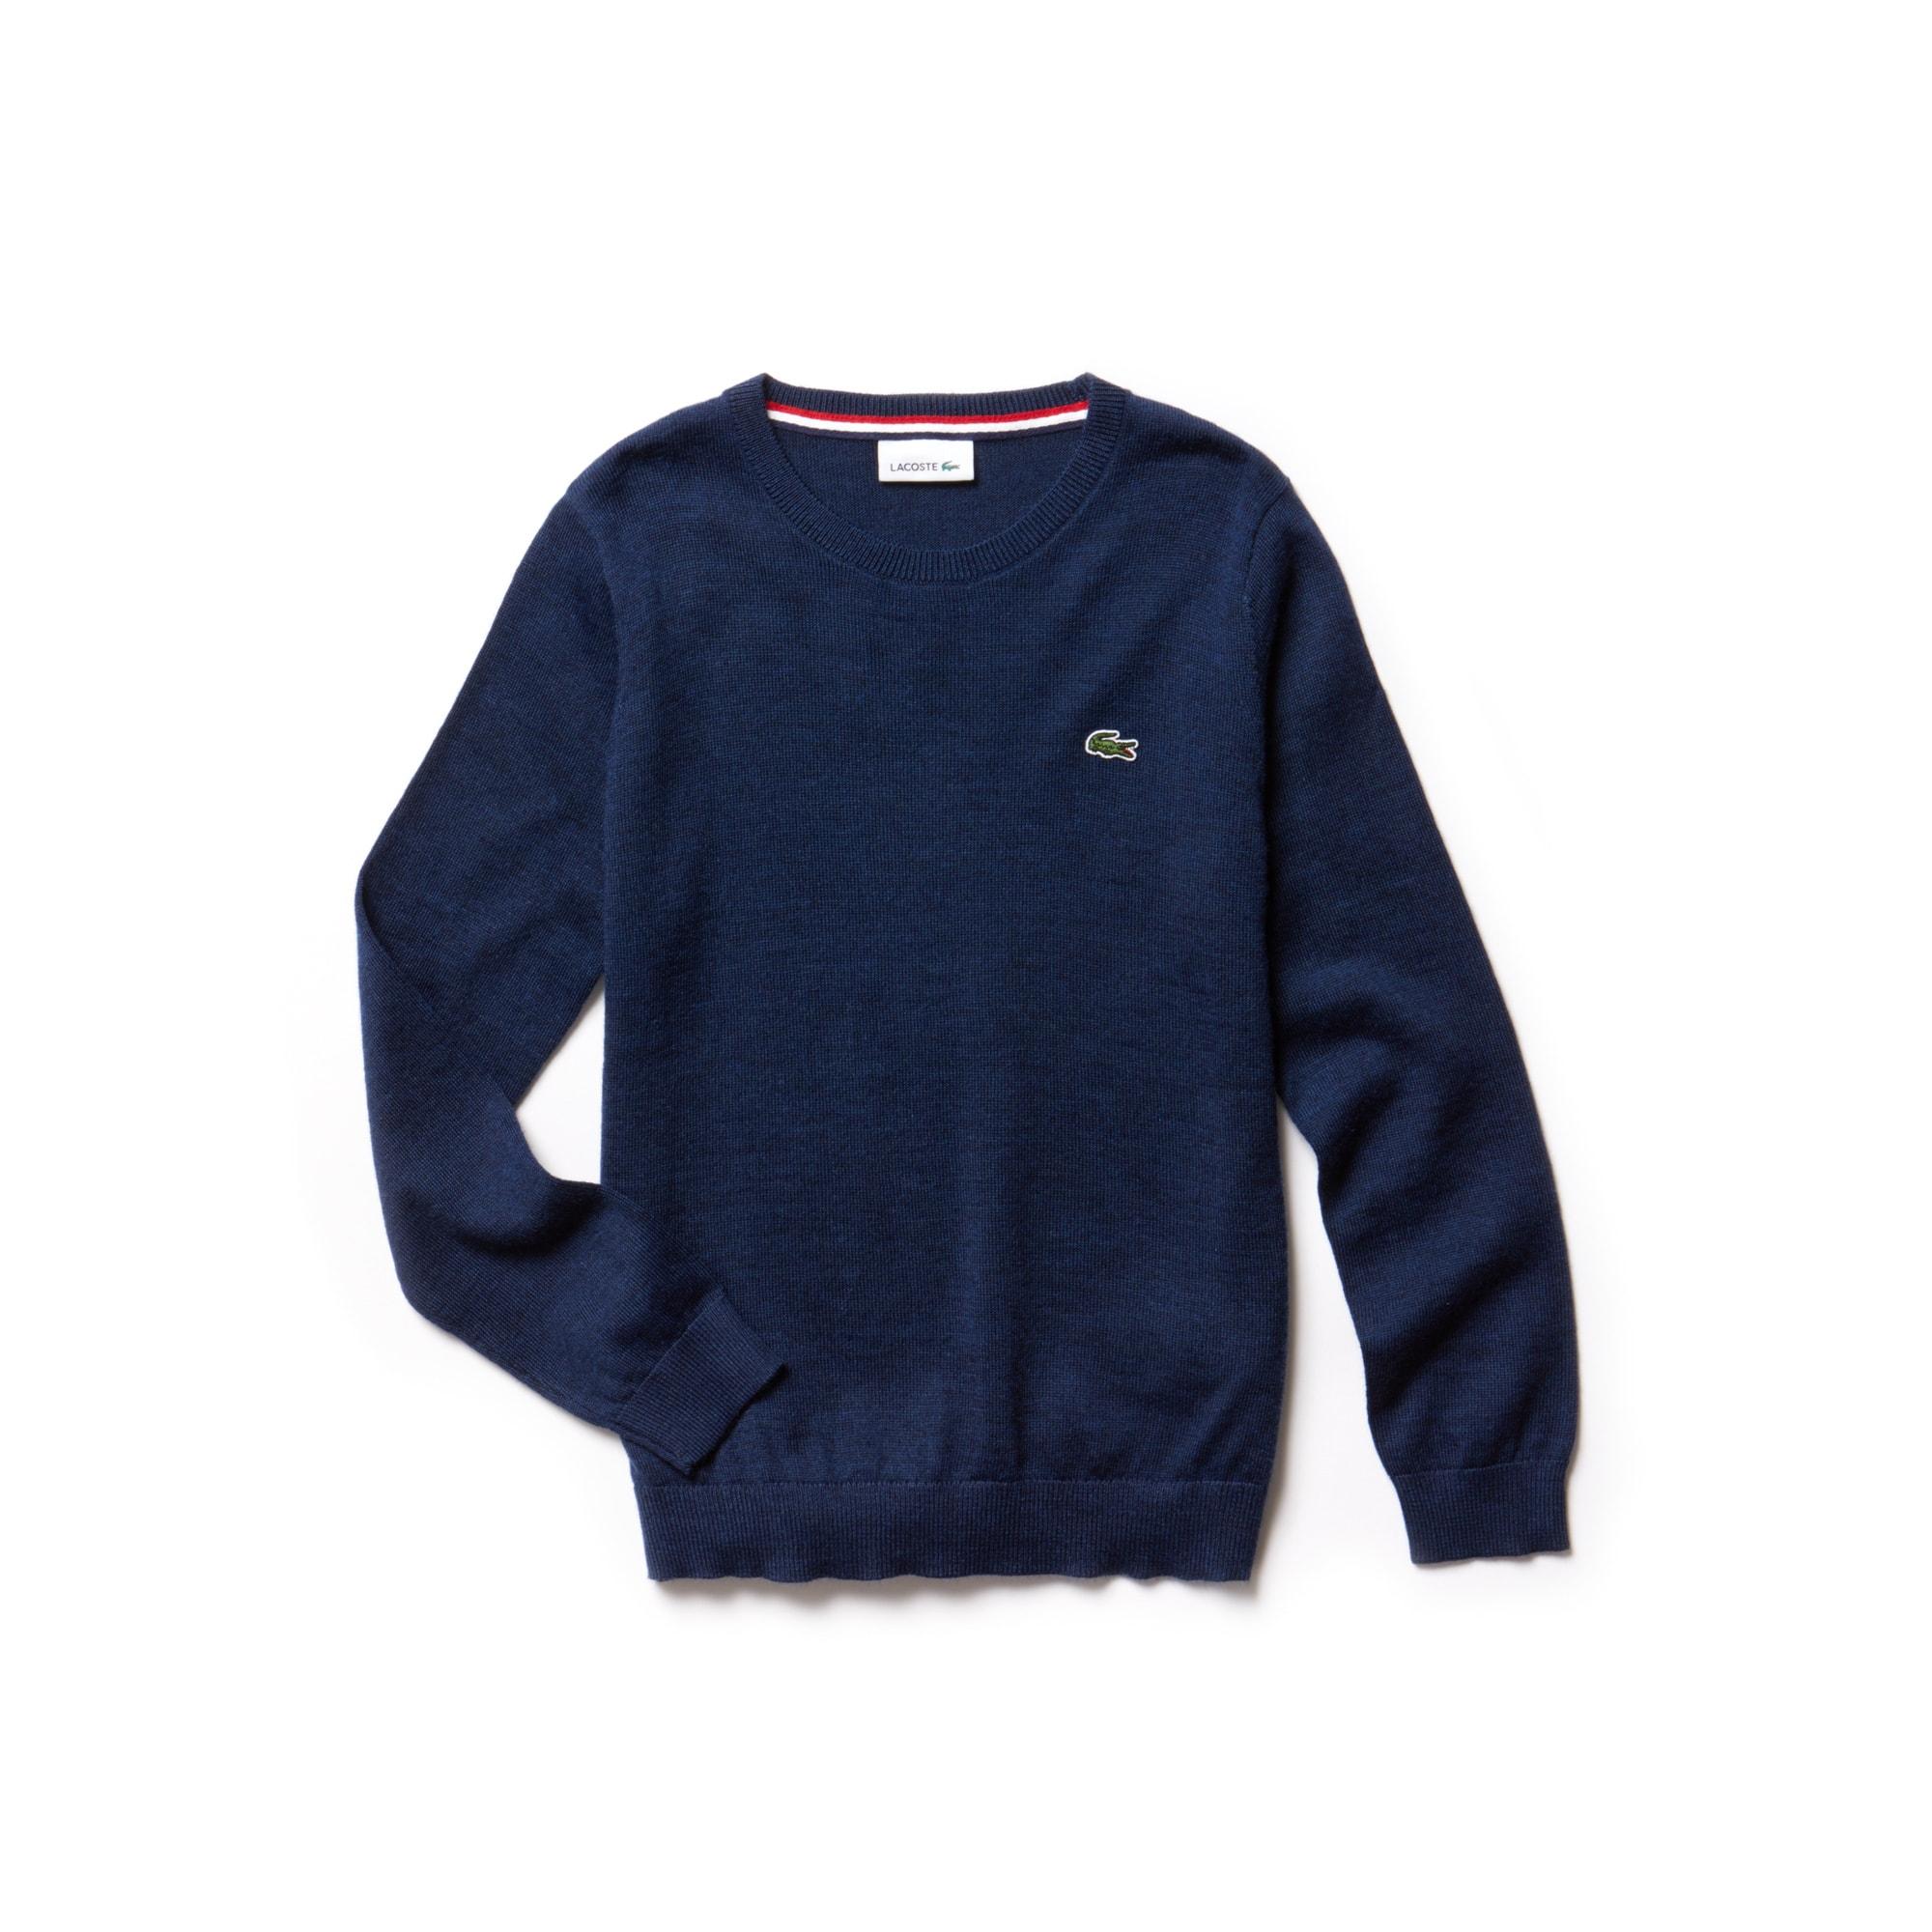 羊毛混纺平纹针织面料男童圆领毛衣